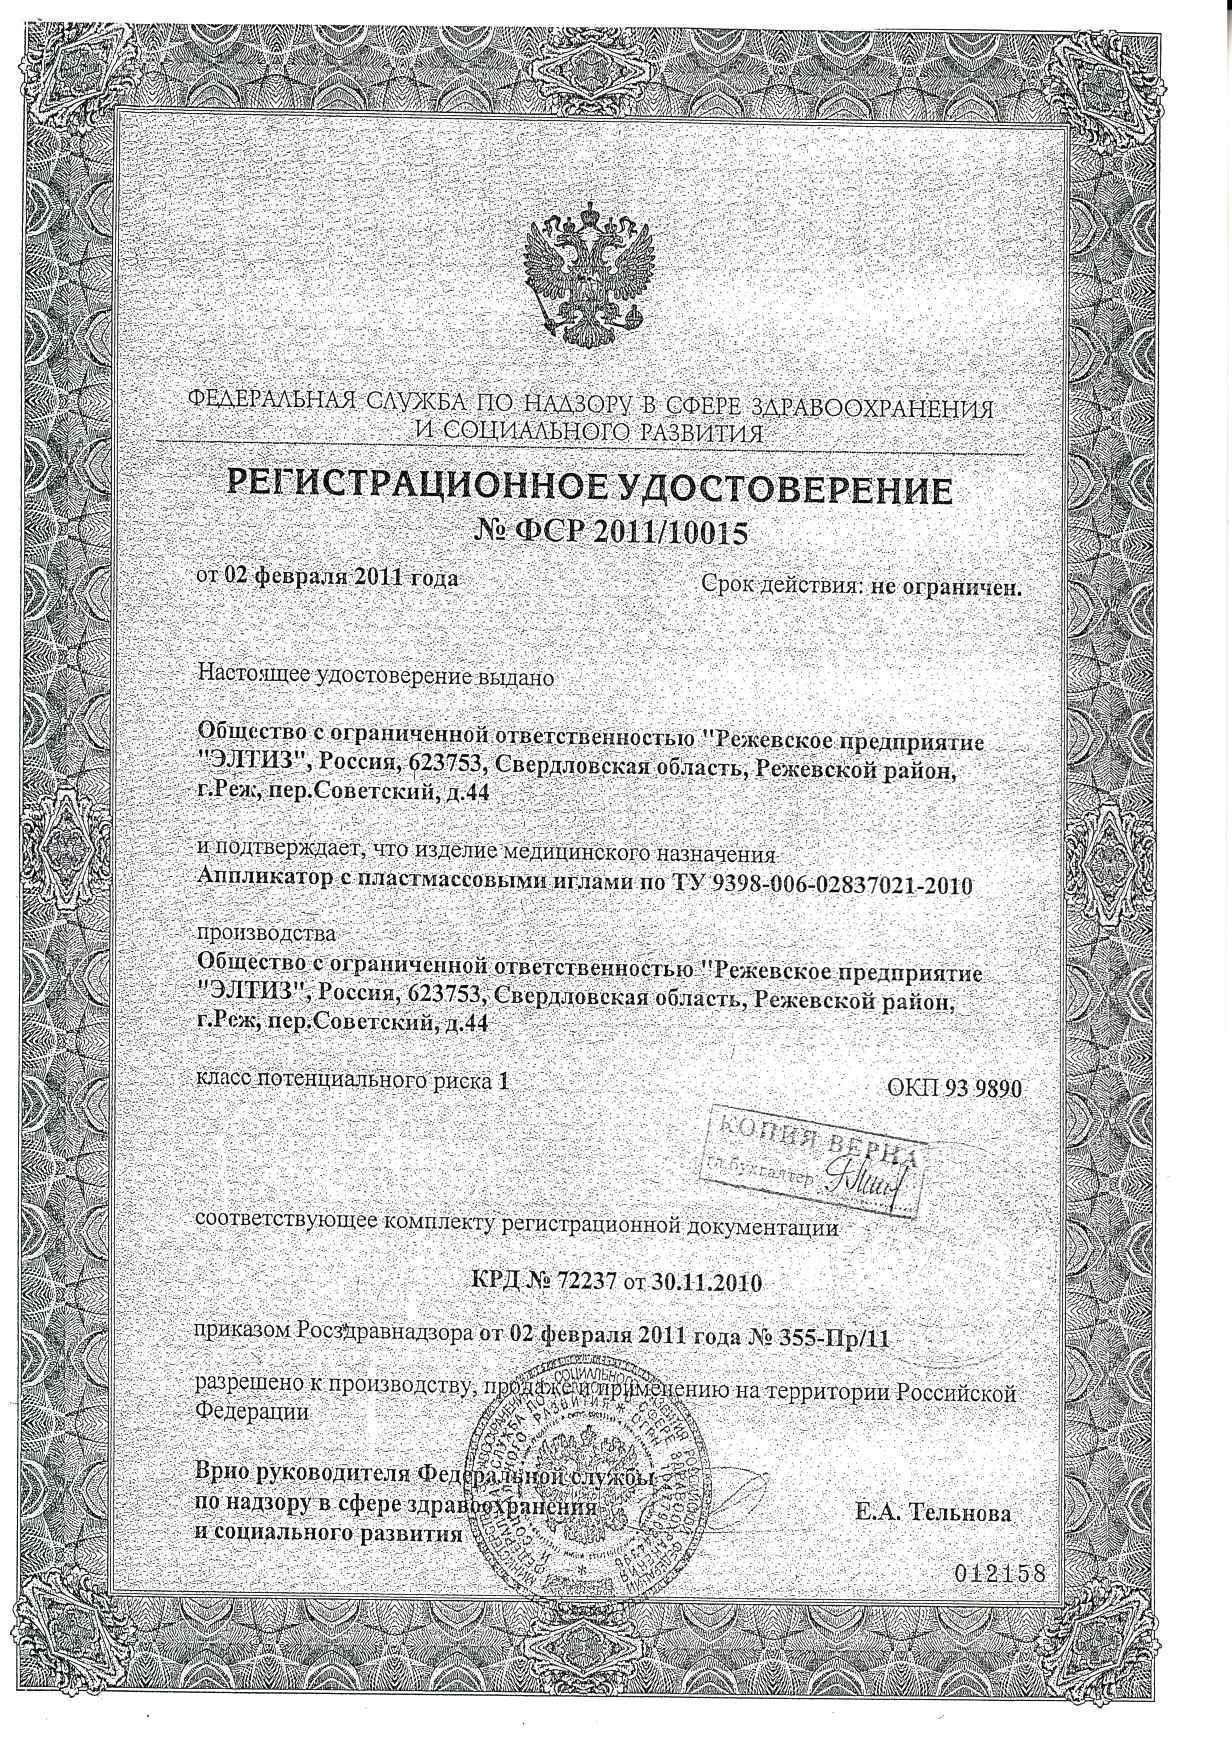 Аппликатор №152 с пластмассовыми иглами - ипликатор Кузнецова